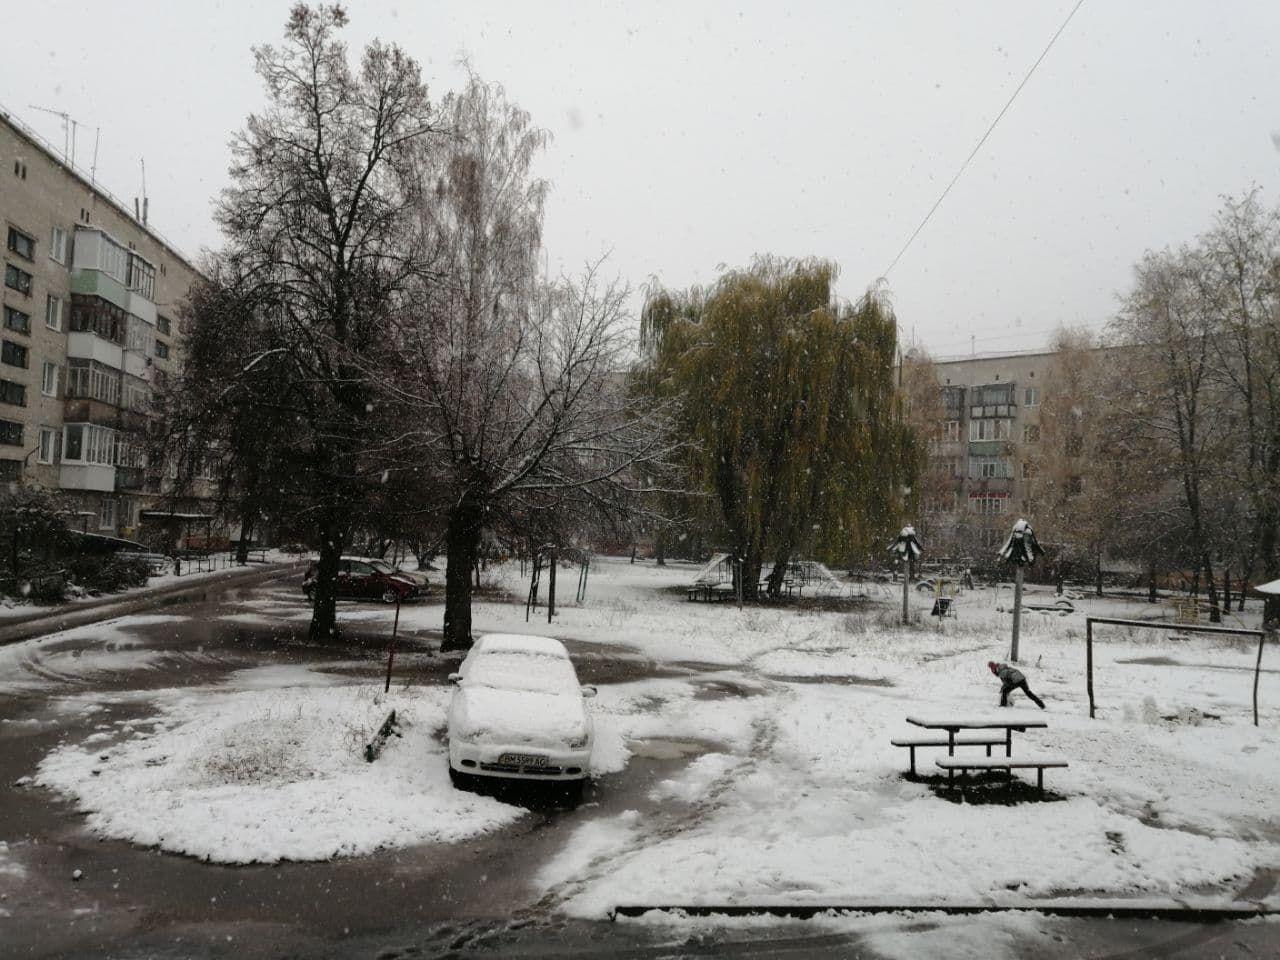 Несколько украинских городов накрыл снегопад: во дворах появились первые снеговики (ФОТО)